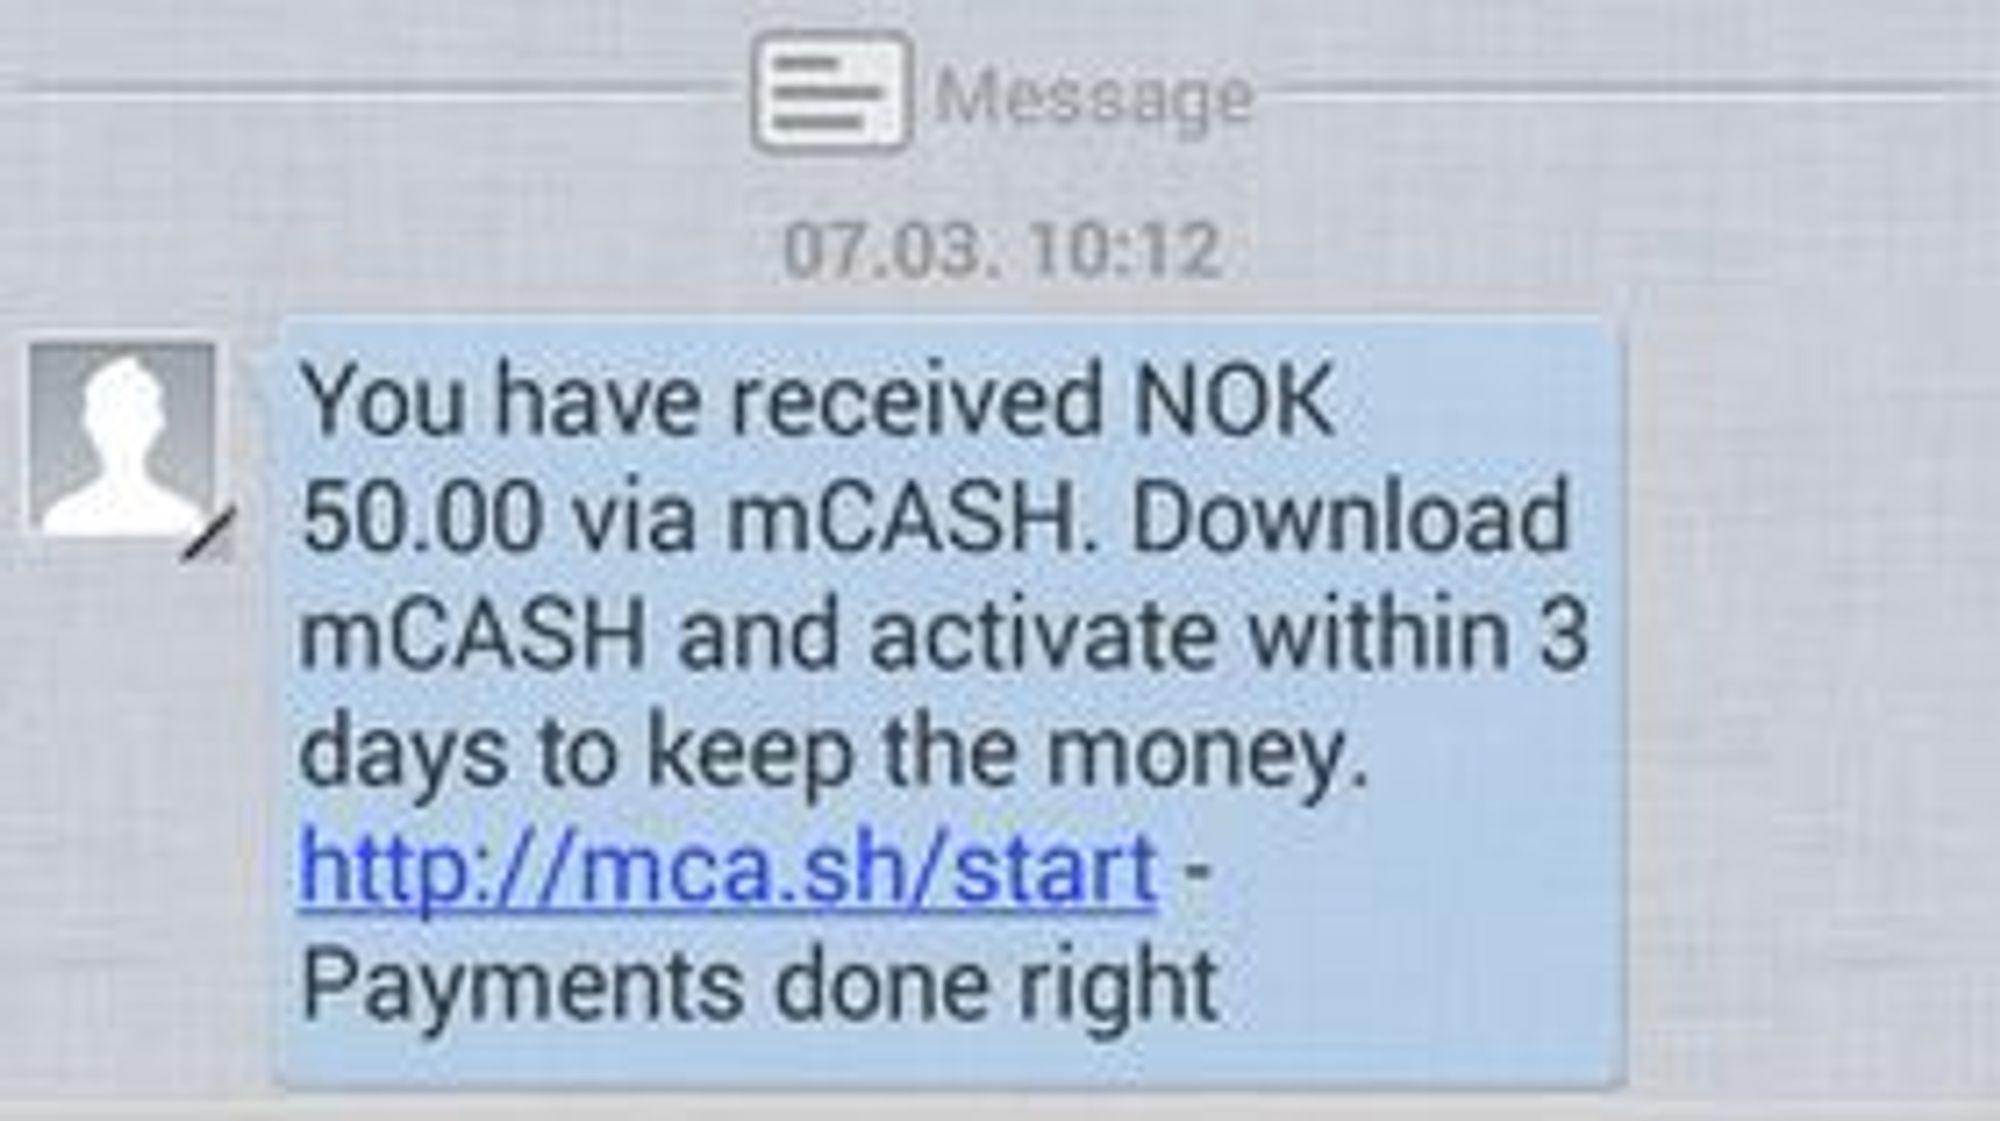 Mobilbrukere som ikke har mCash-appen installert vil få en slik SMS med beskjed om en betaling og med en lenke til mer informasjon.